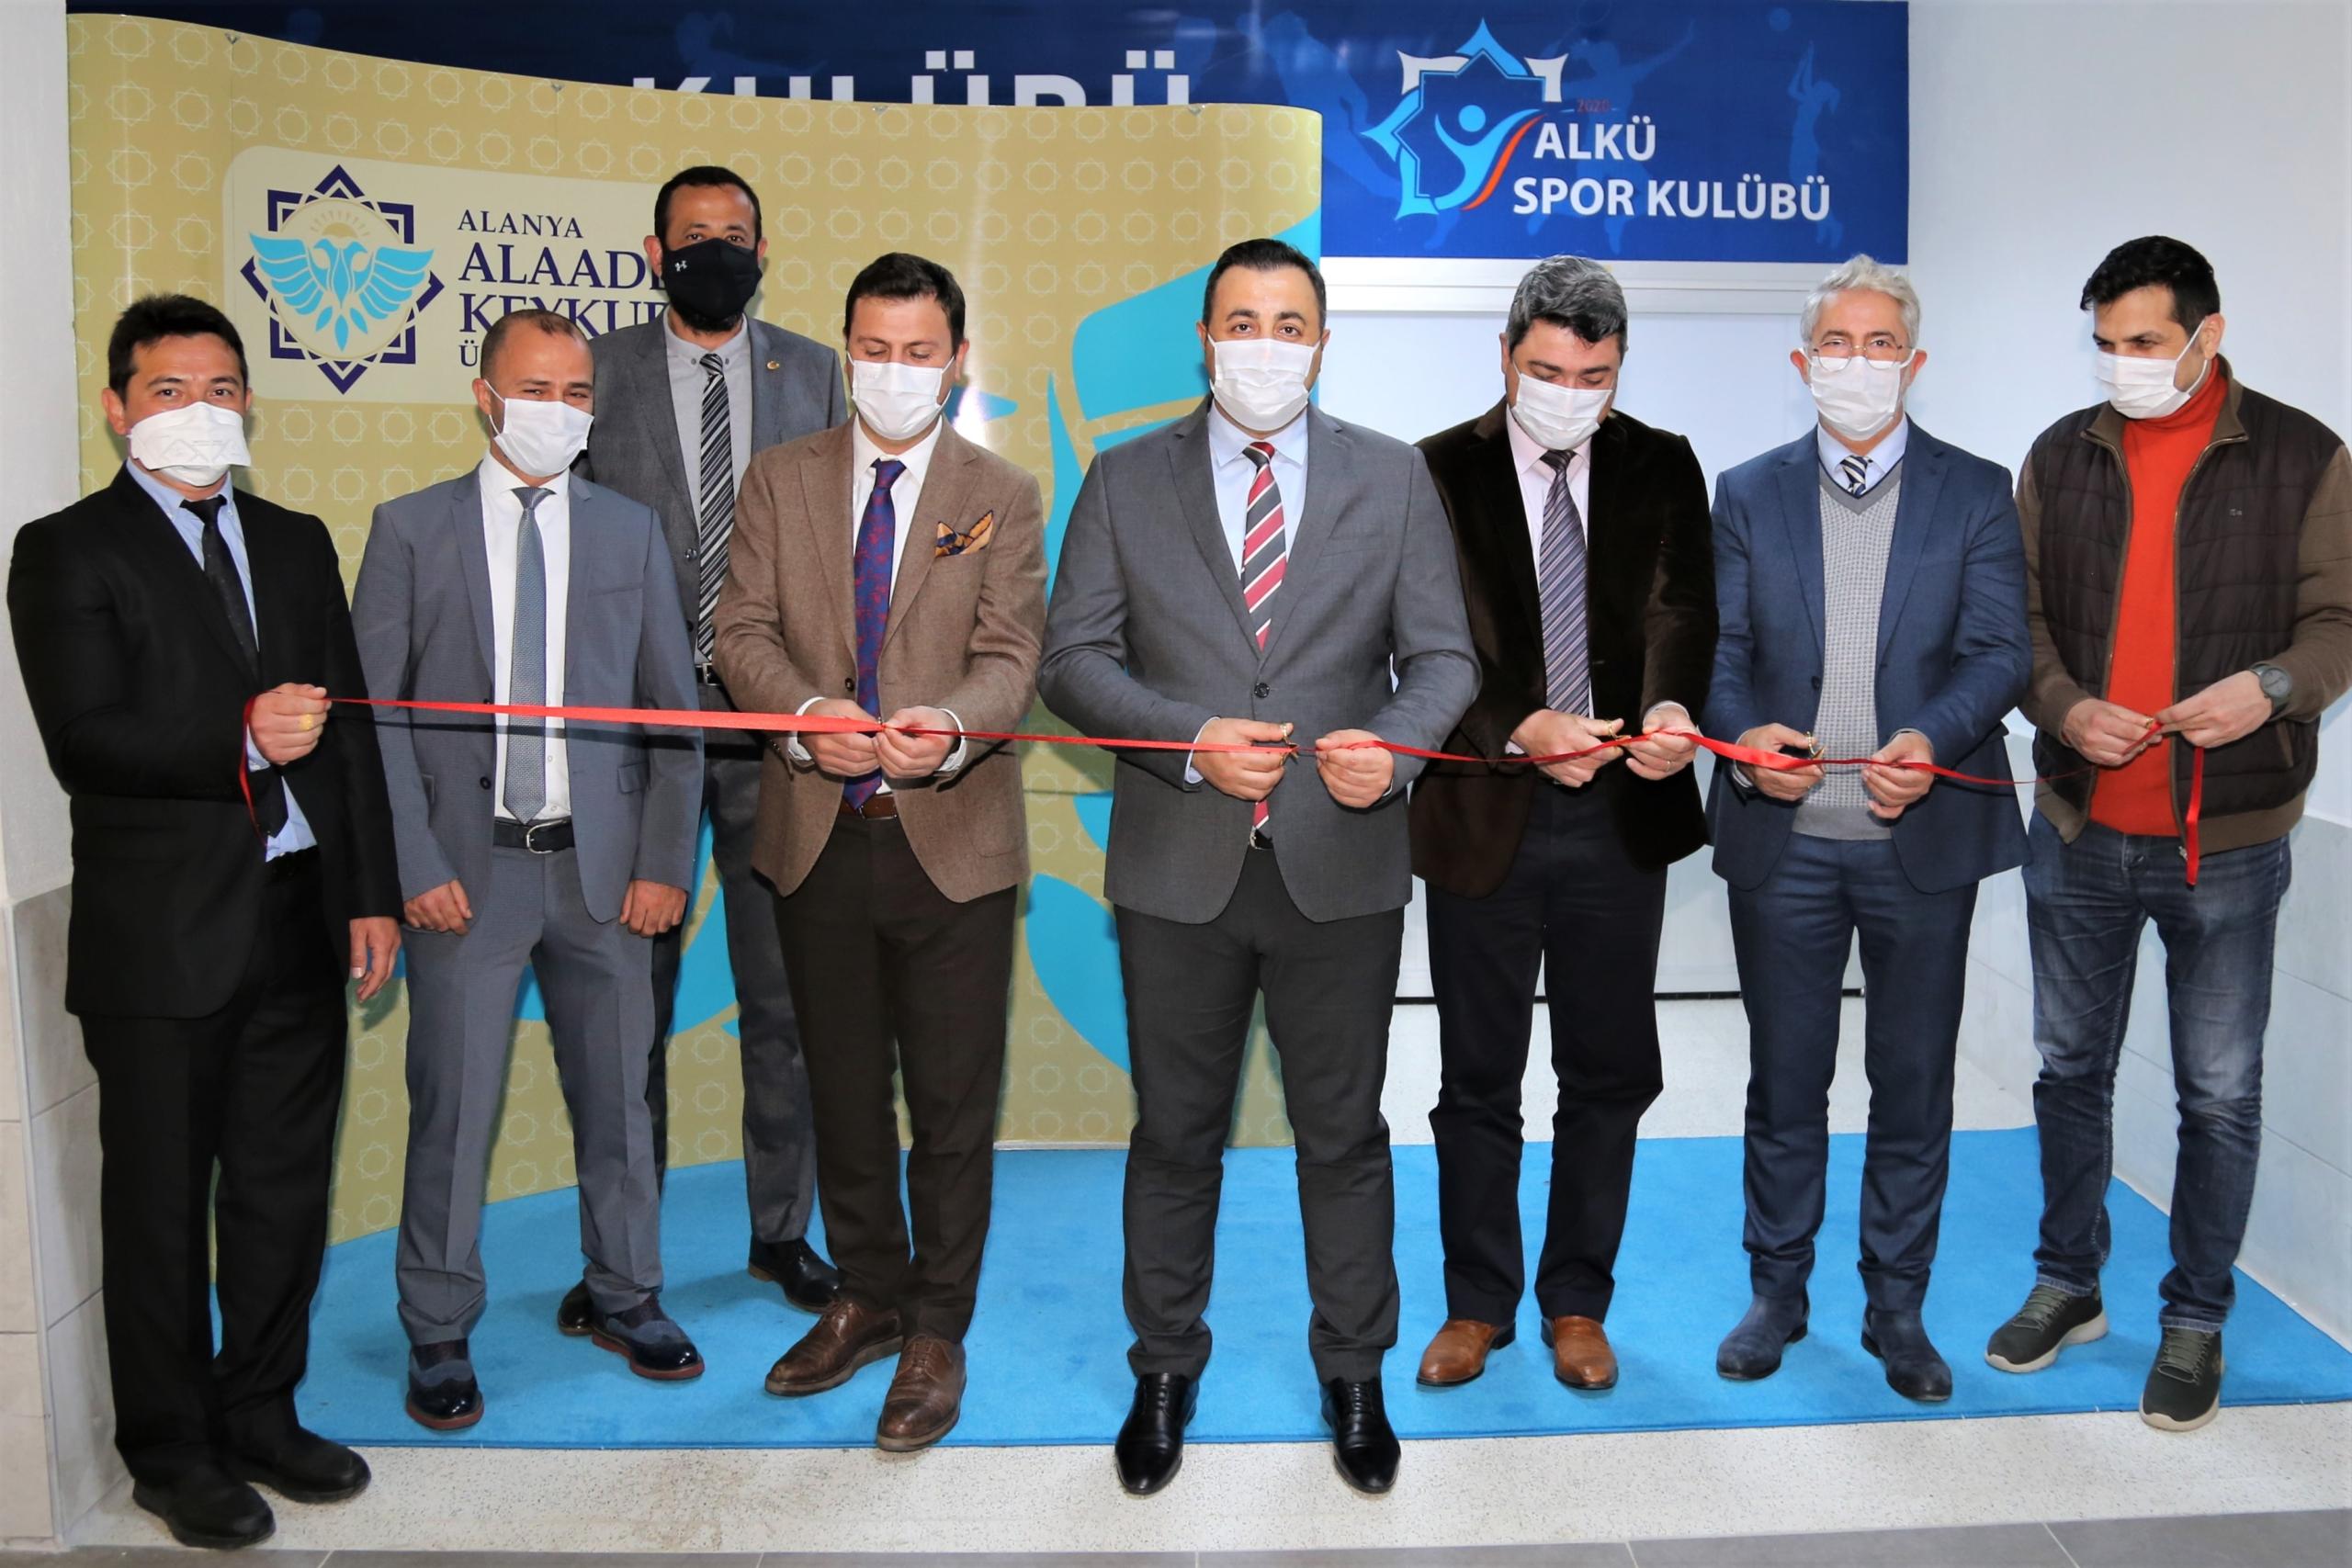 ALKÜ Spor Kulübü Merkezi açıldı